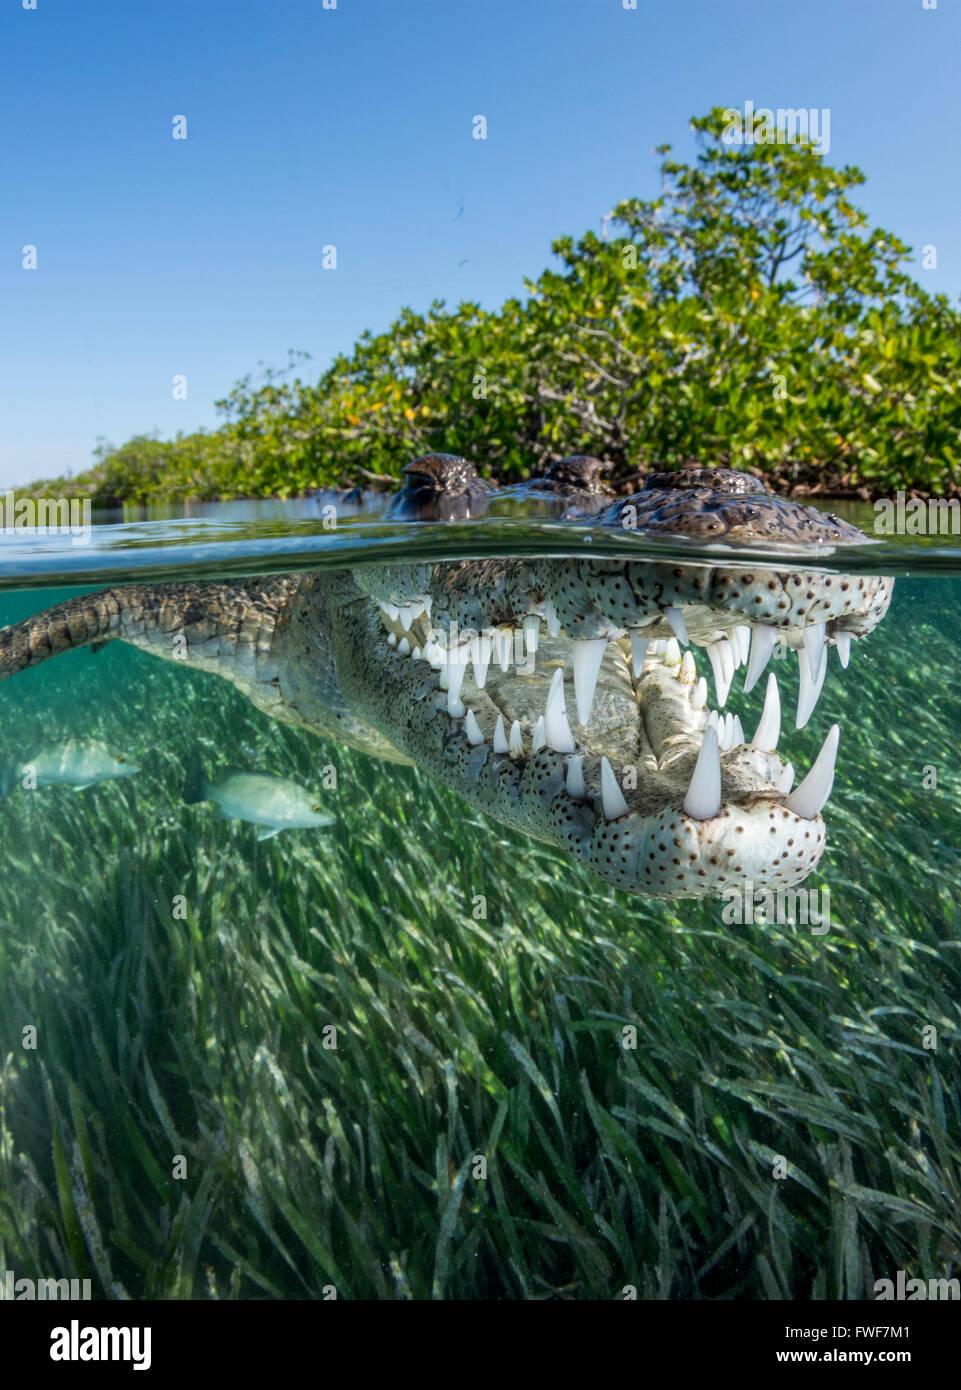 Saltwater crocodile crocodylus porosus jardines de la reina cuba stock photo 101753569 alamy - Jardines de la reina ...